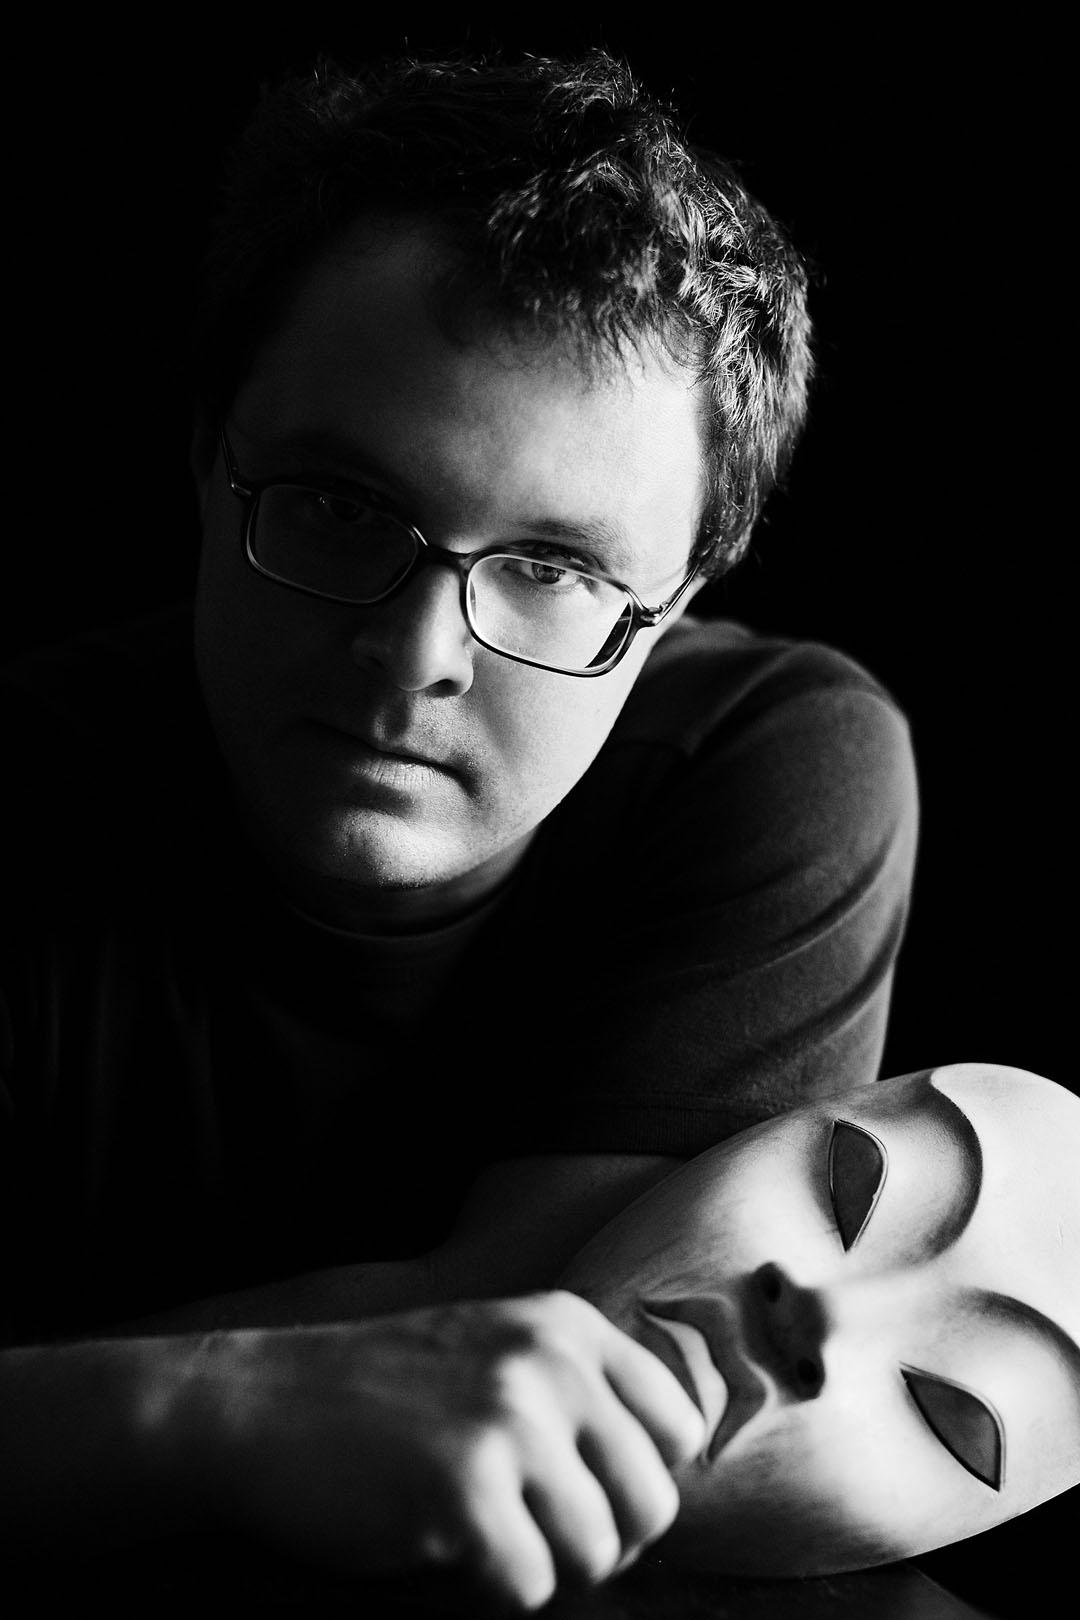 端传媒 | 舒普雅科夫:如何在普京时代写诗?